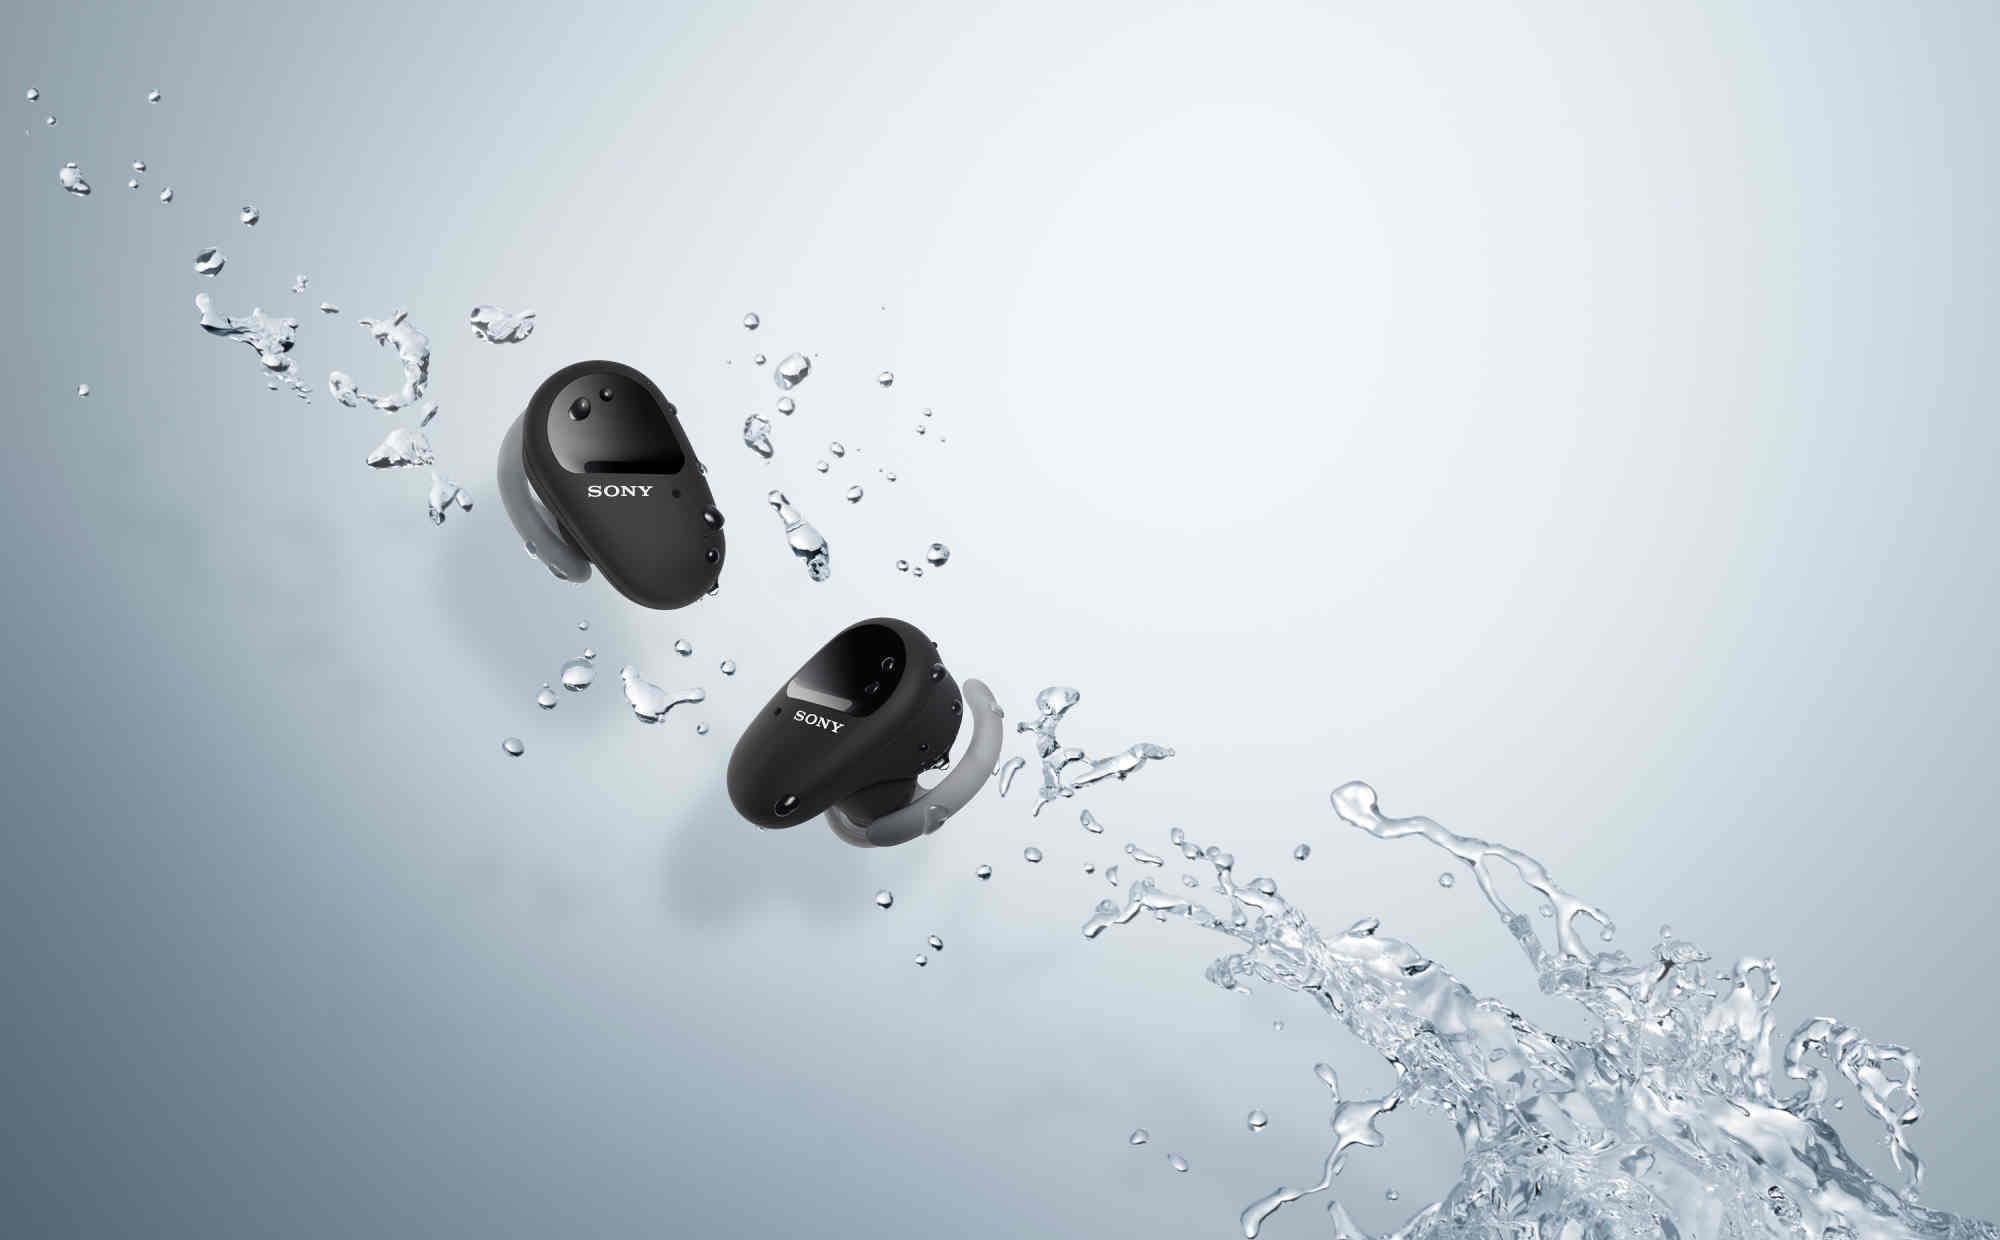 Sony ra mắt tai nghe không dây WF-SP800N: kháng nước IP55, pin 18 tiếng, giá 200 USD